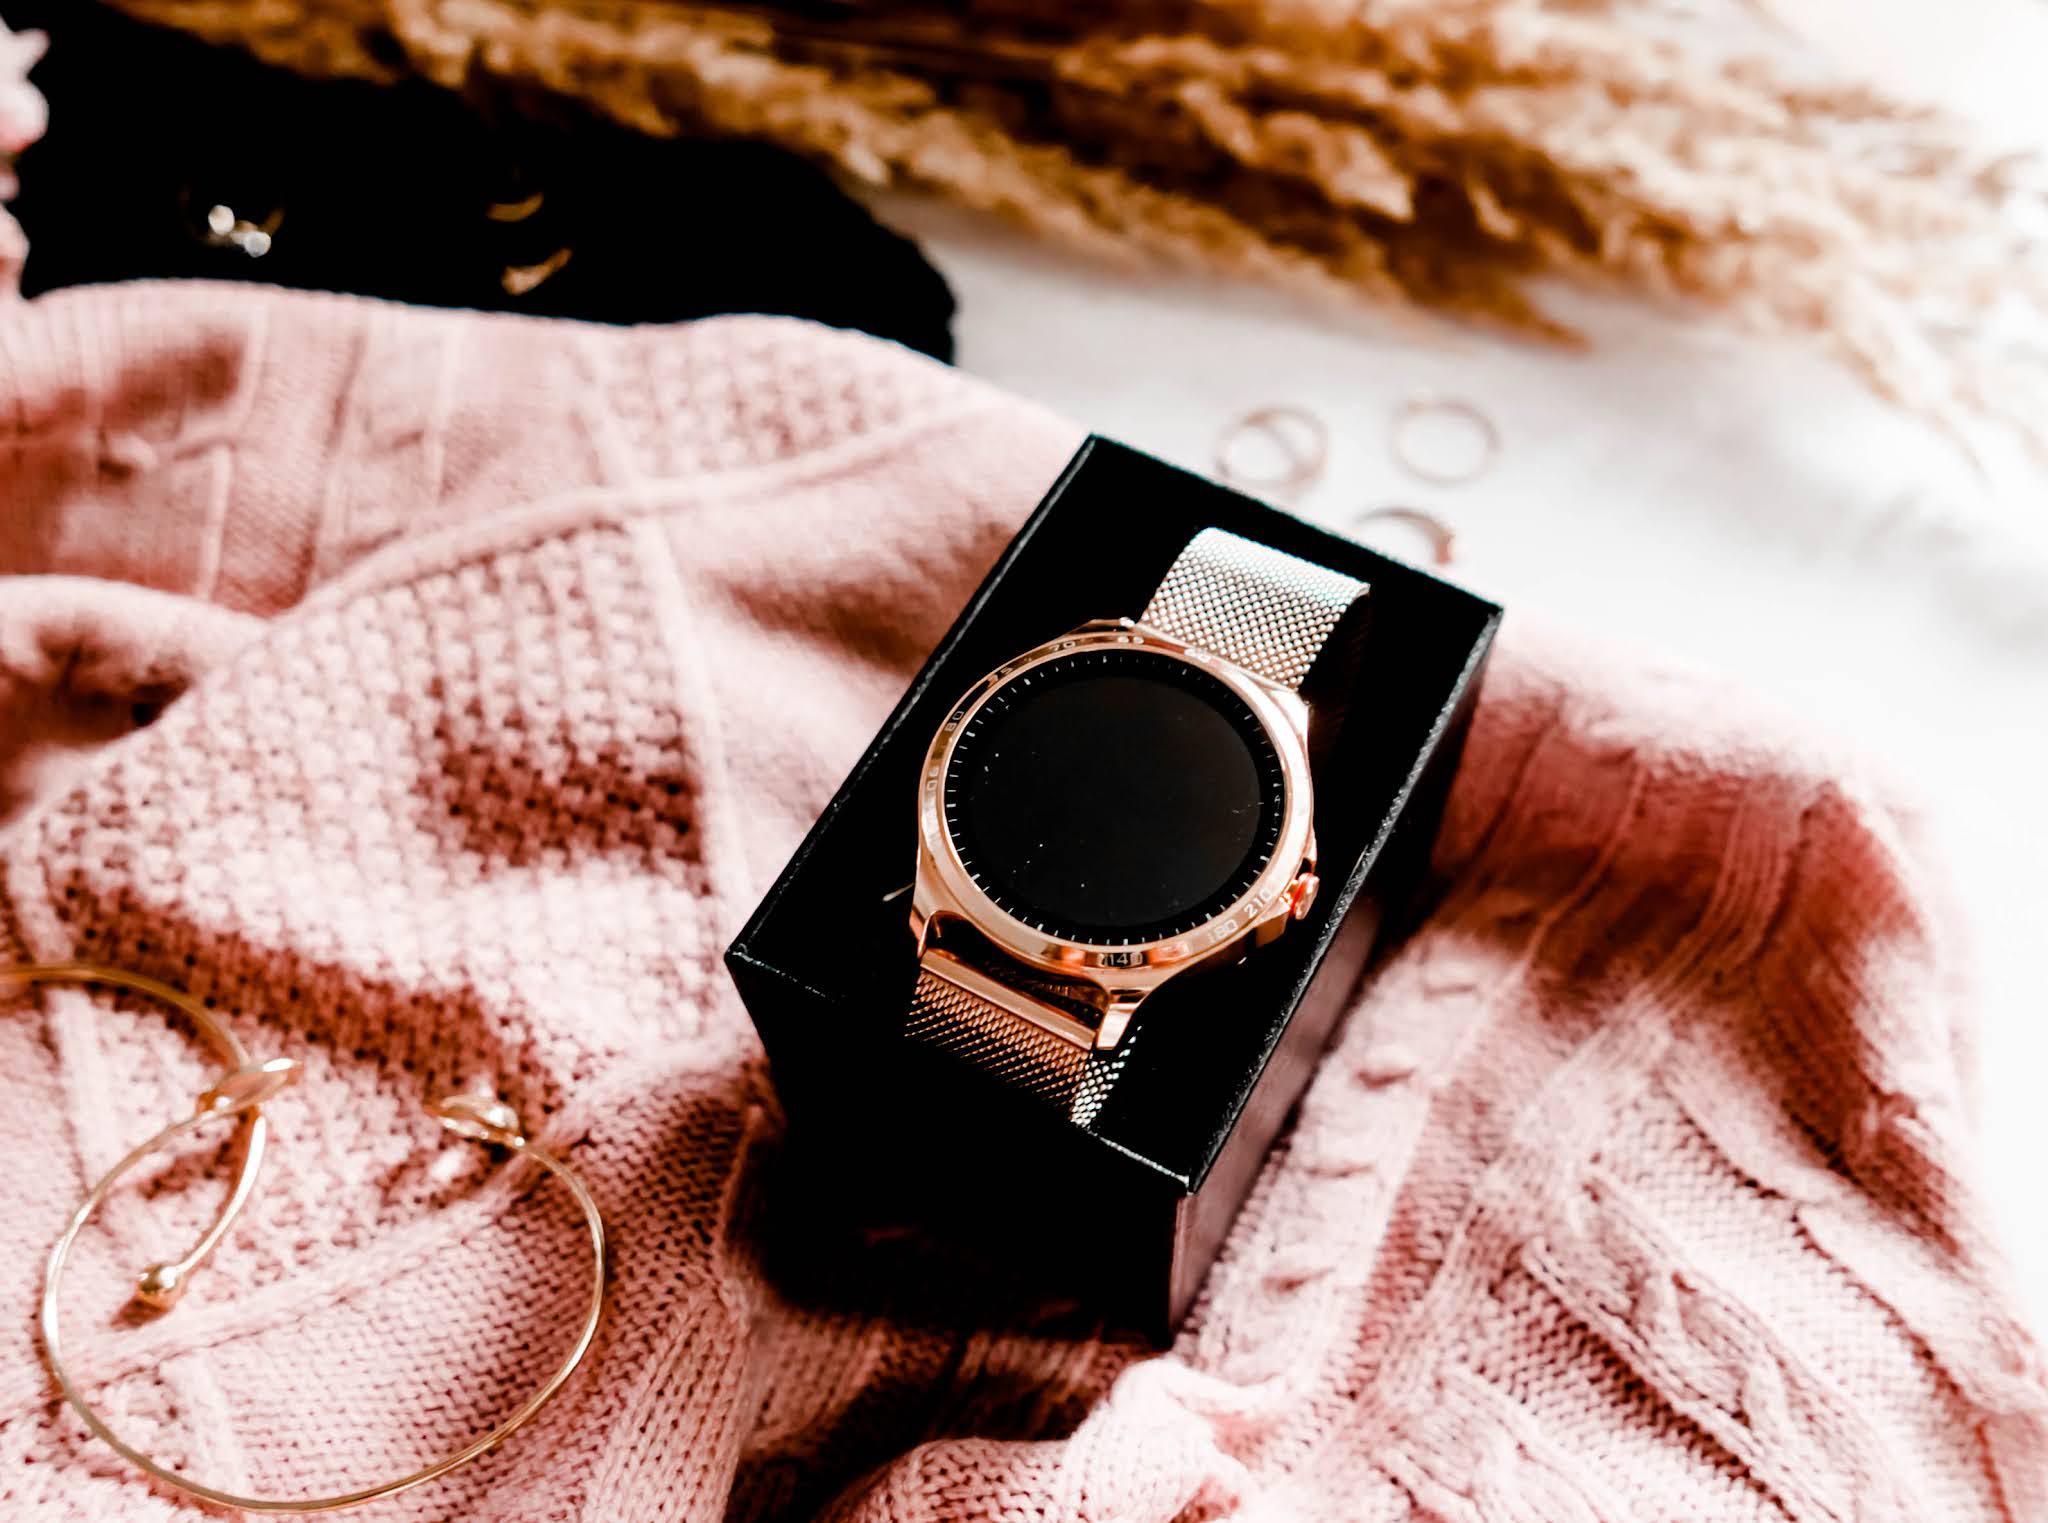 pomysł na prezent dla kobiety - smartwatch garett maya